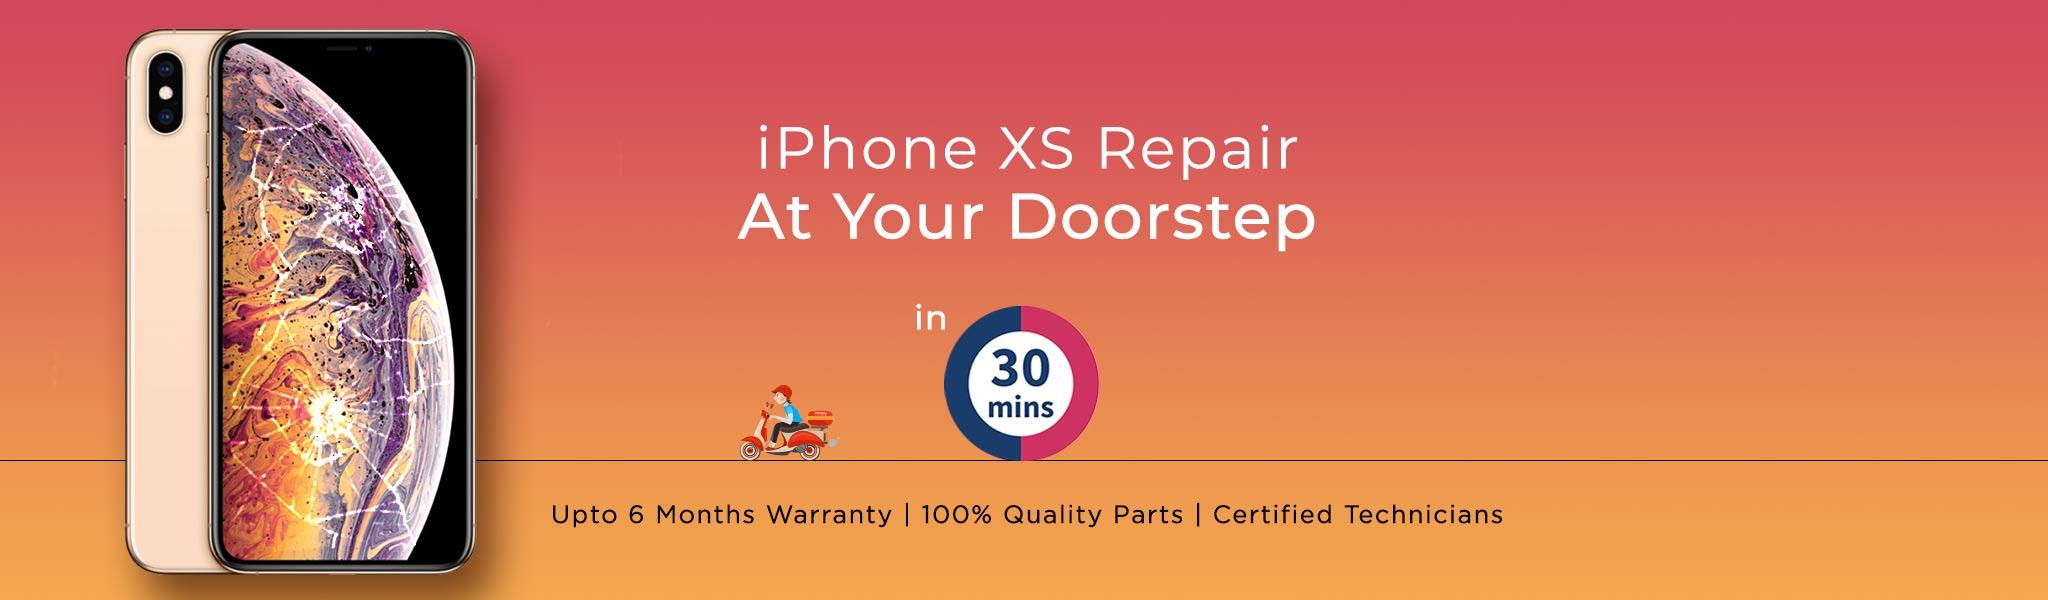 iphone-xs-repair.jpg